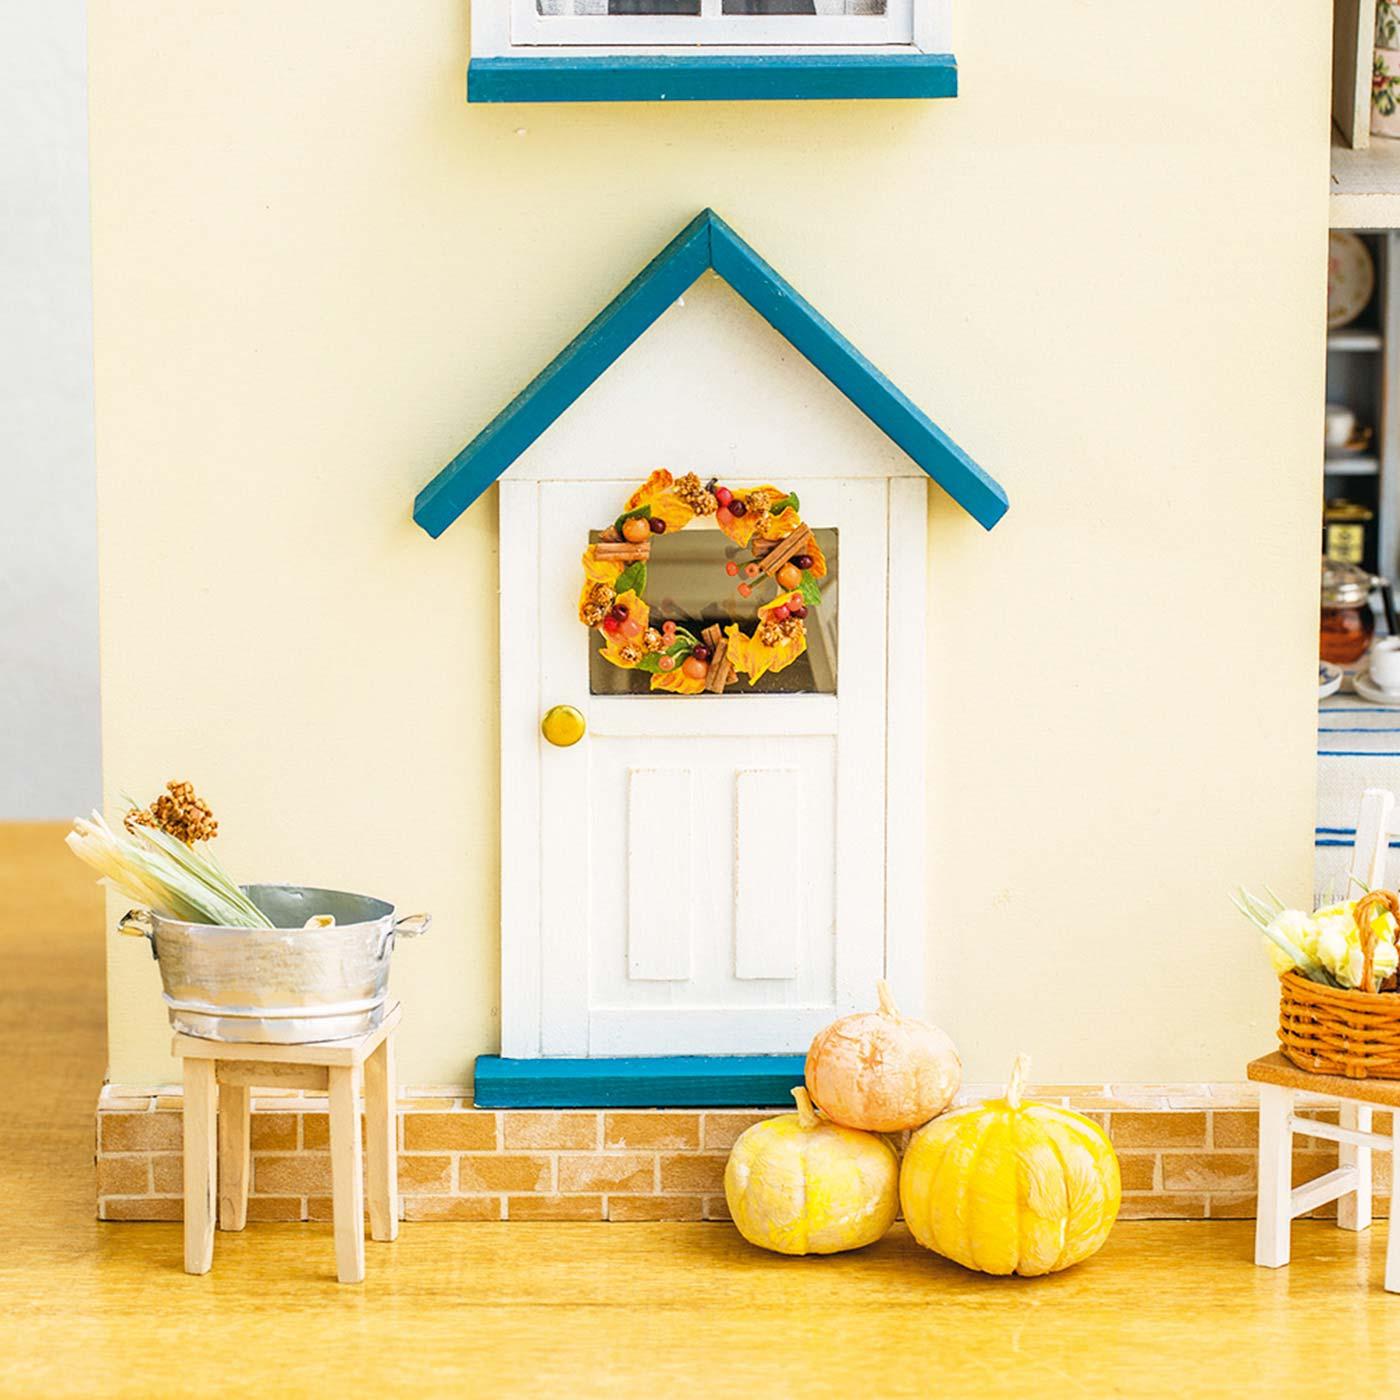 豊かな秋の実りを楽しくディスプレイ。リースも秋仕様に。